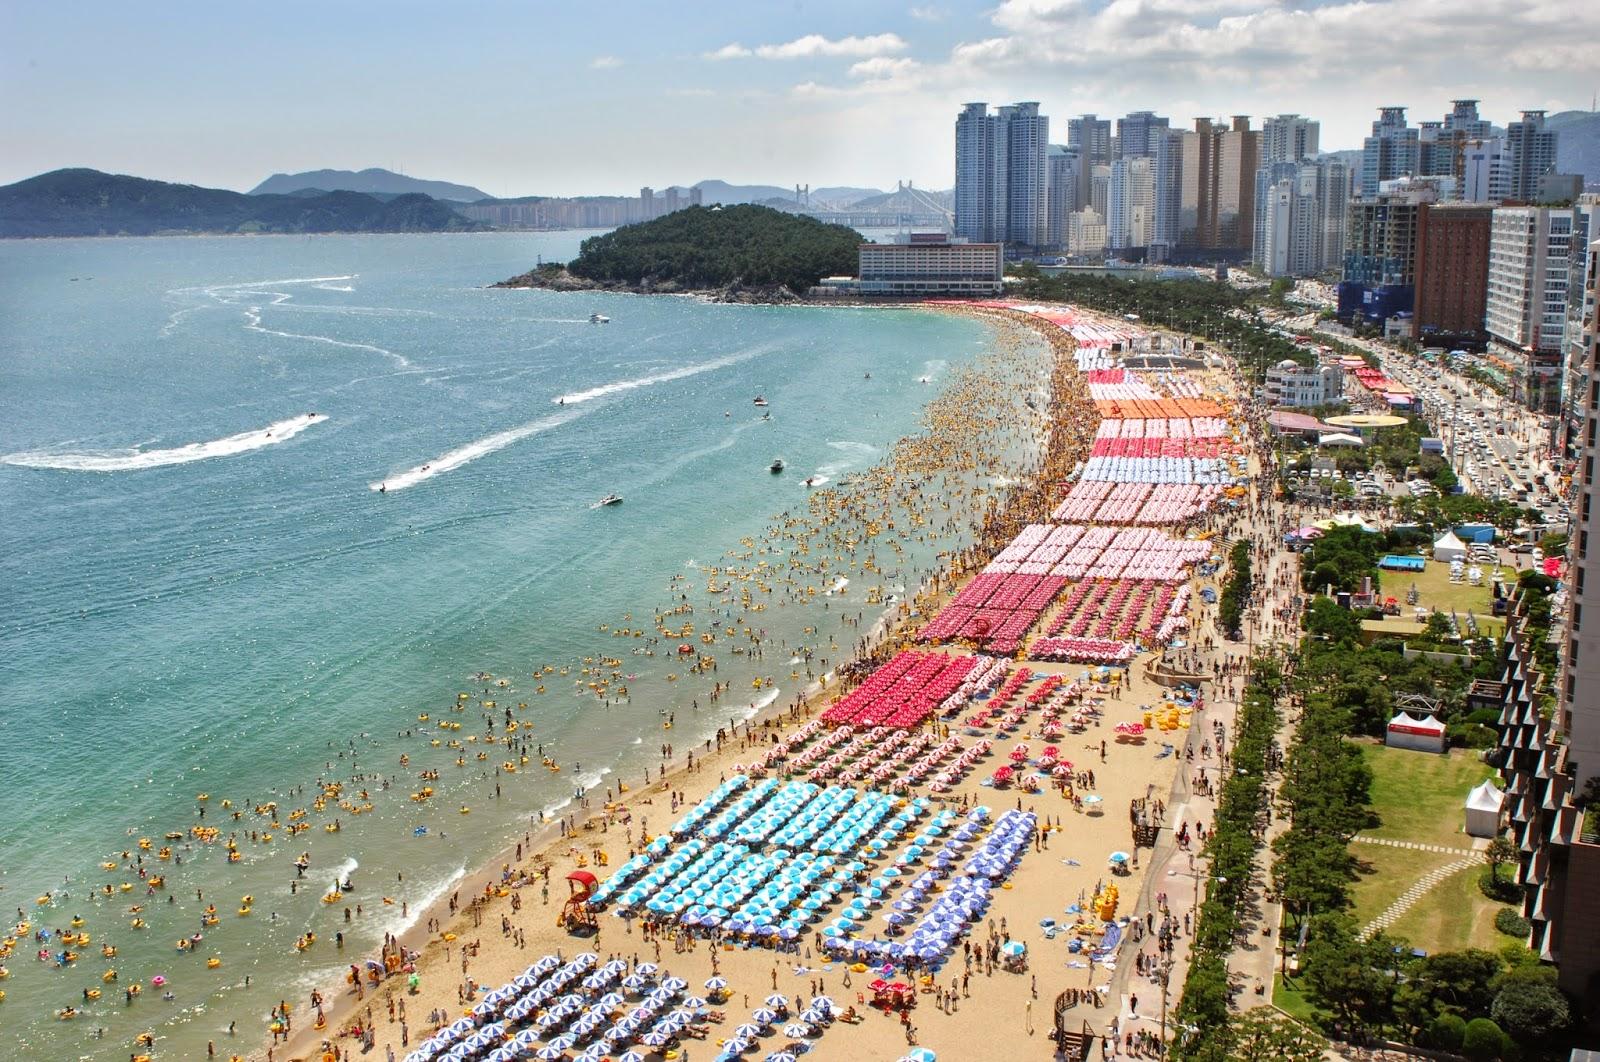 Bãi biển Haeundae   해운대 해수욕장